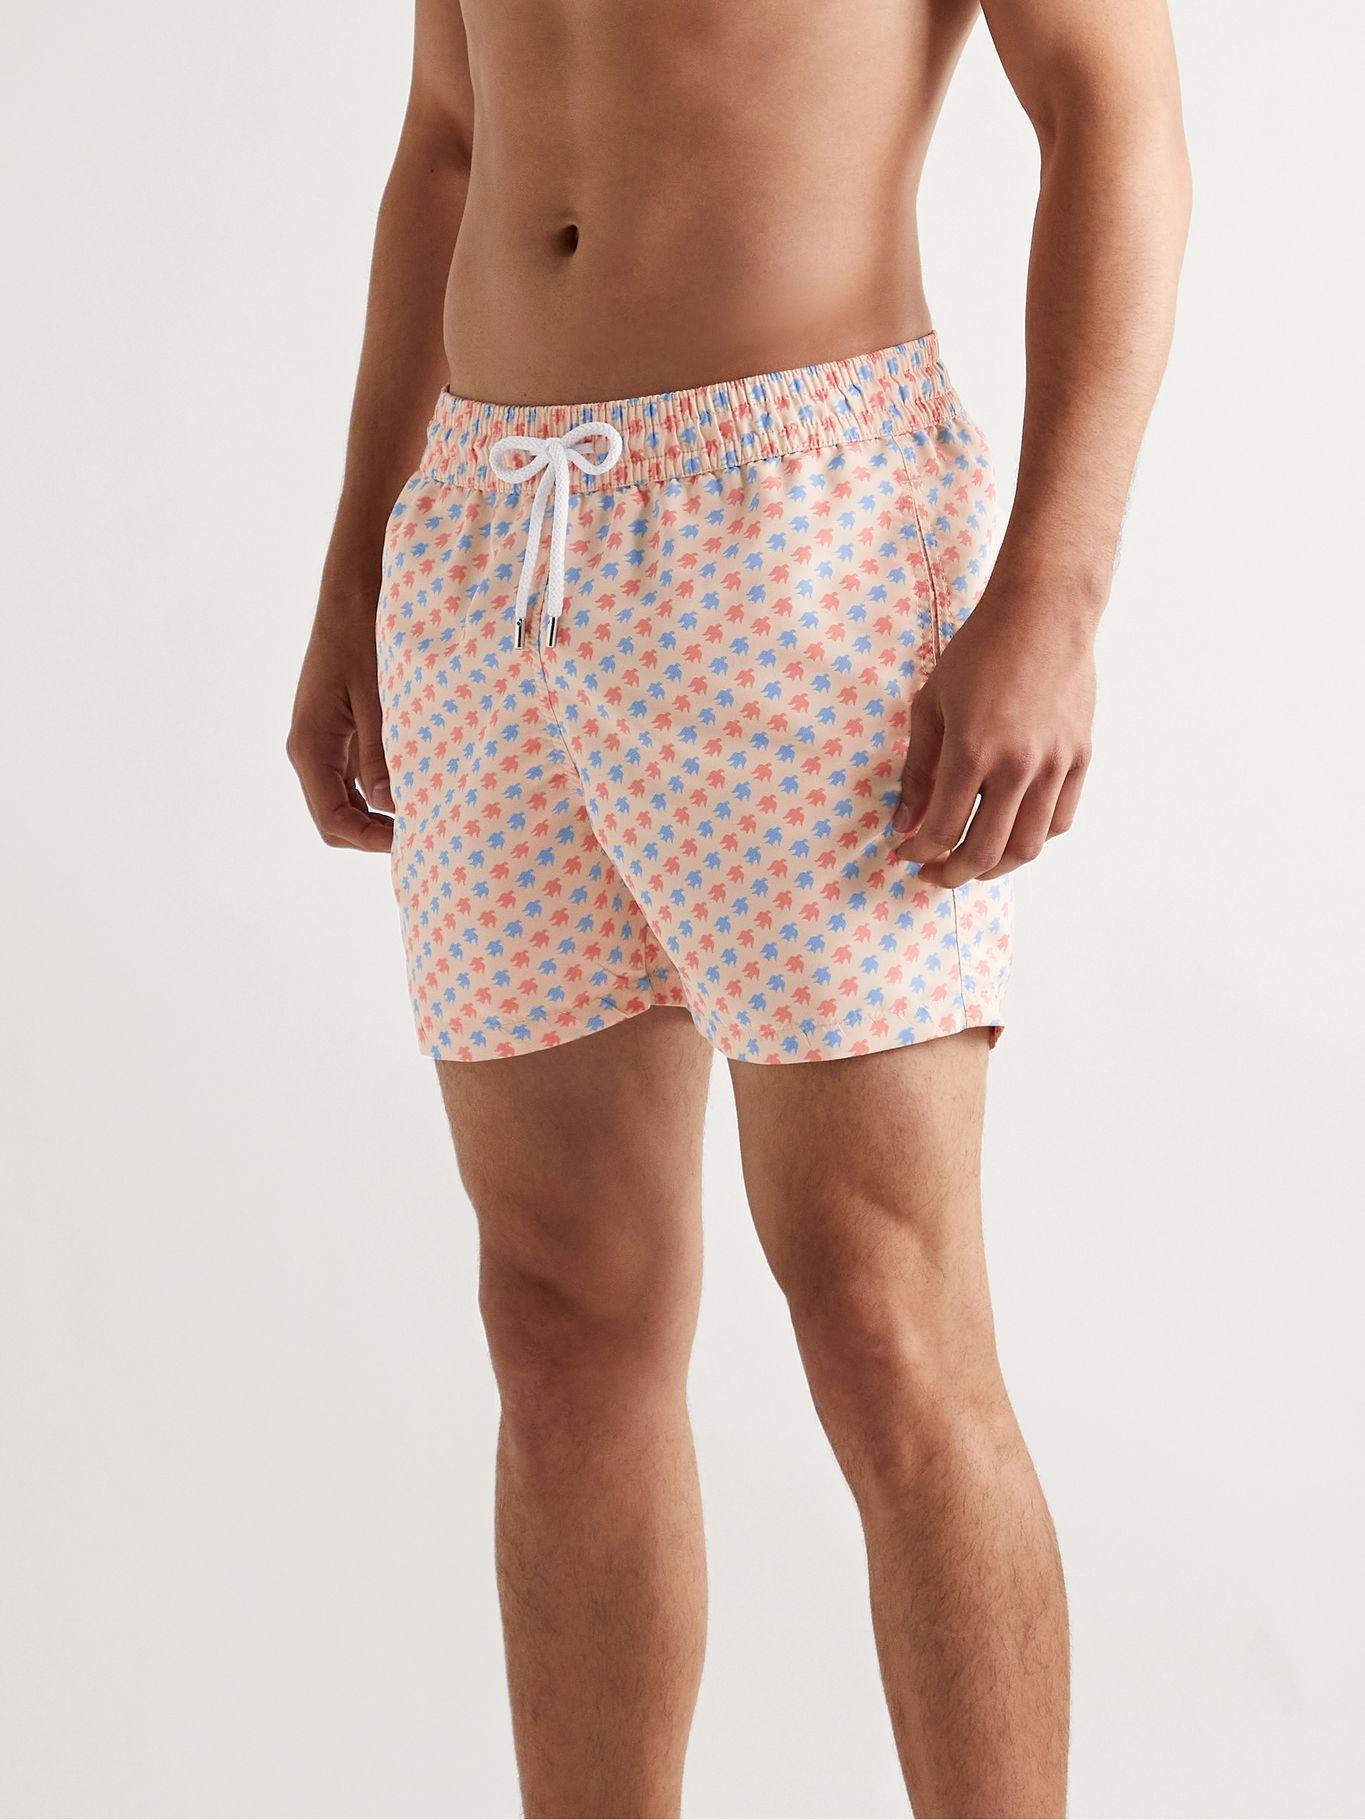 swim trunks mens designer